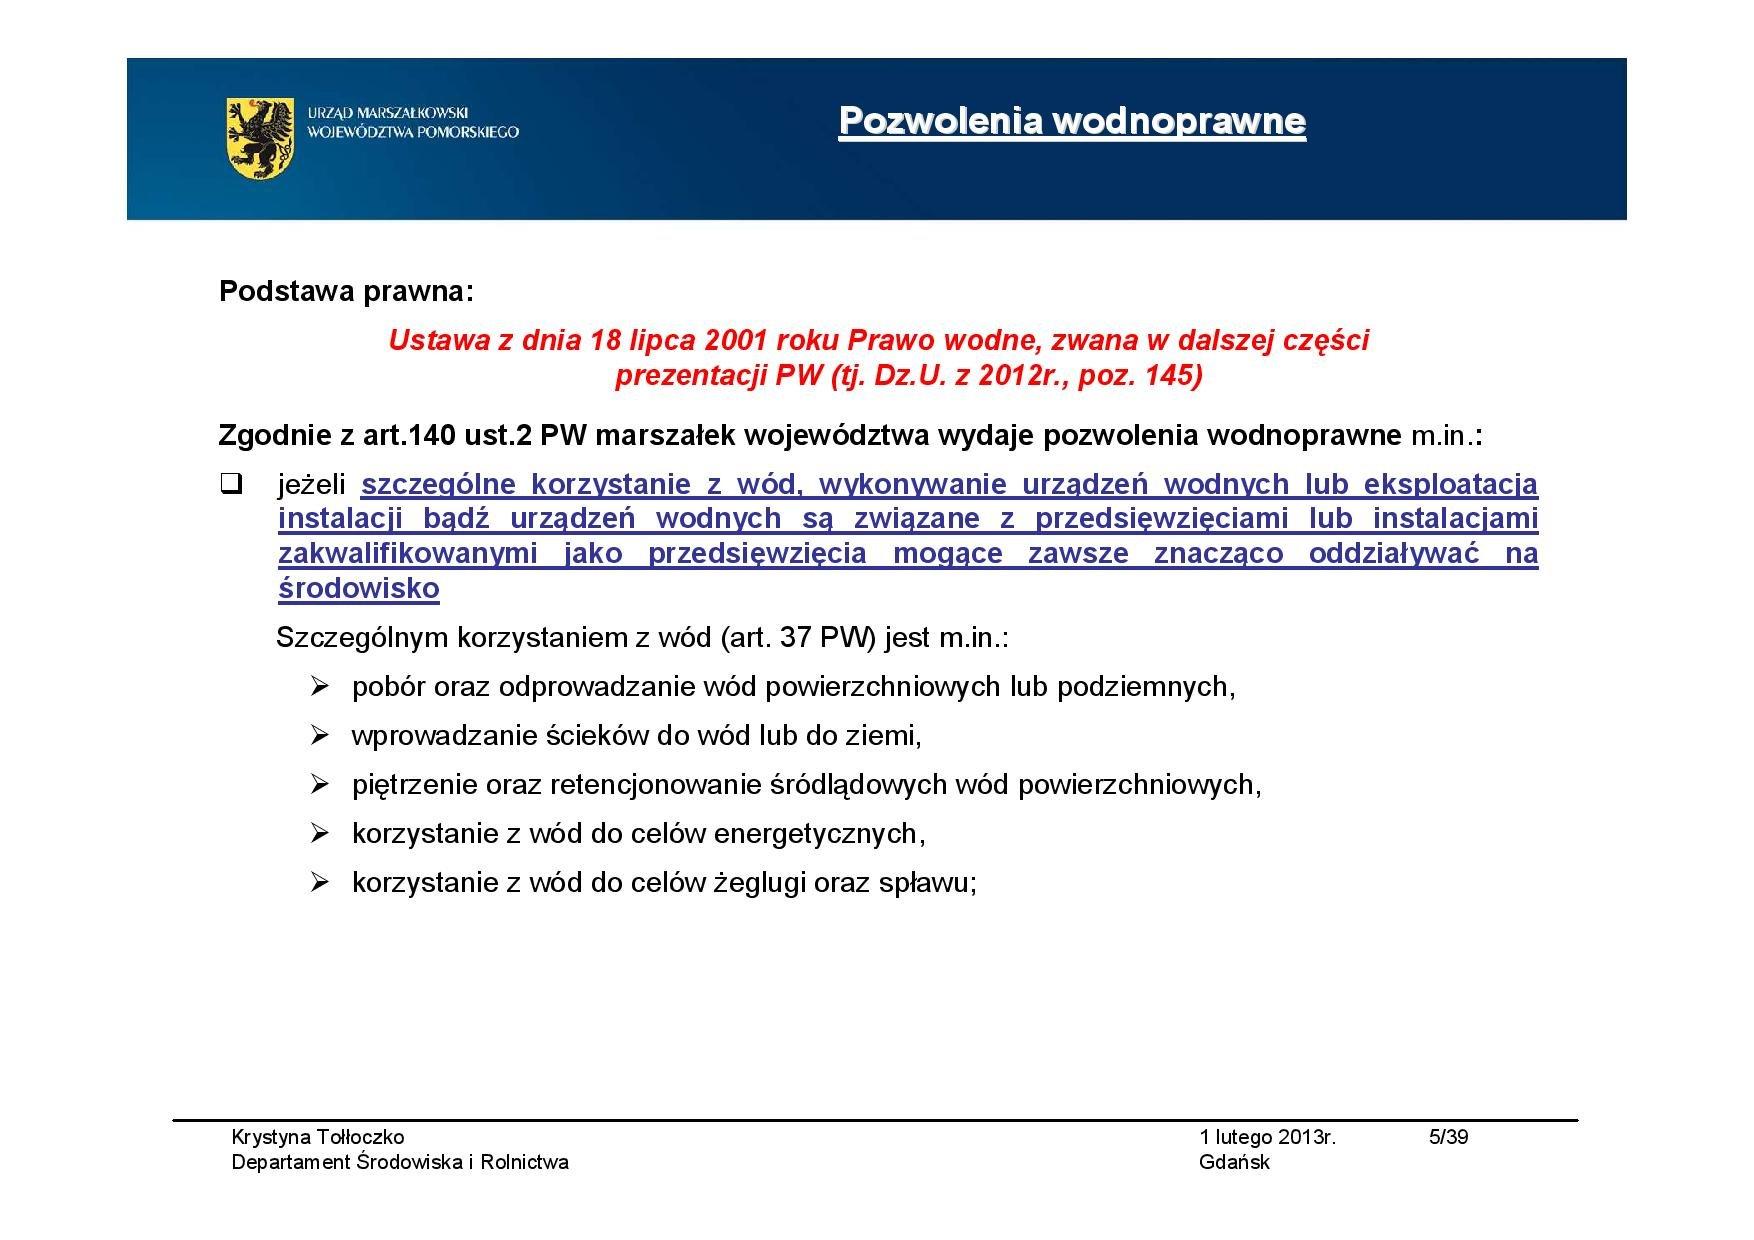 Ob. pracod. pozwolenia-page-005